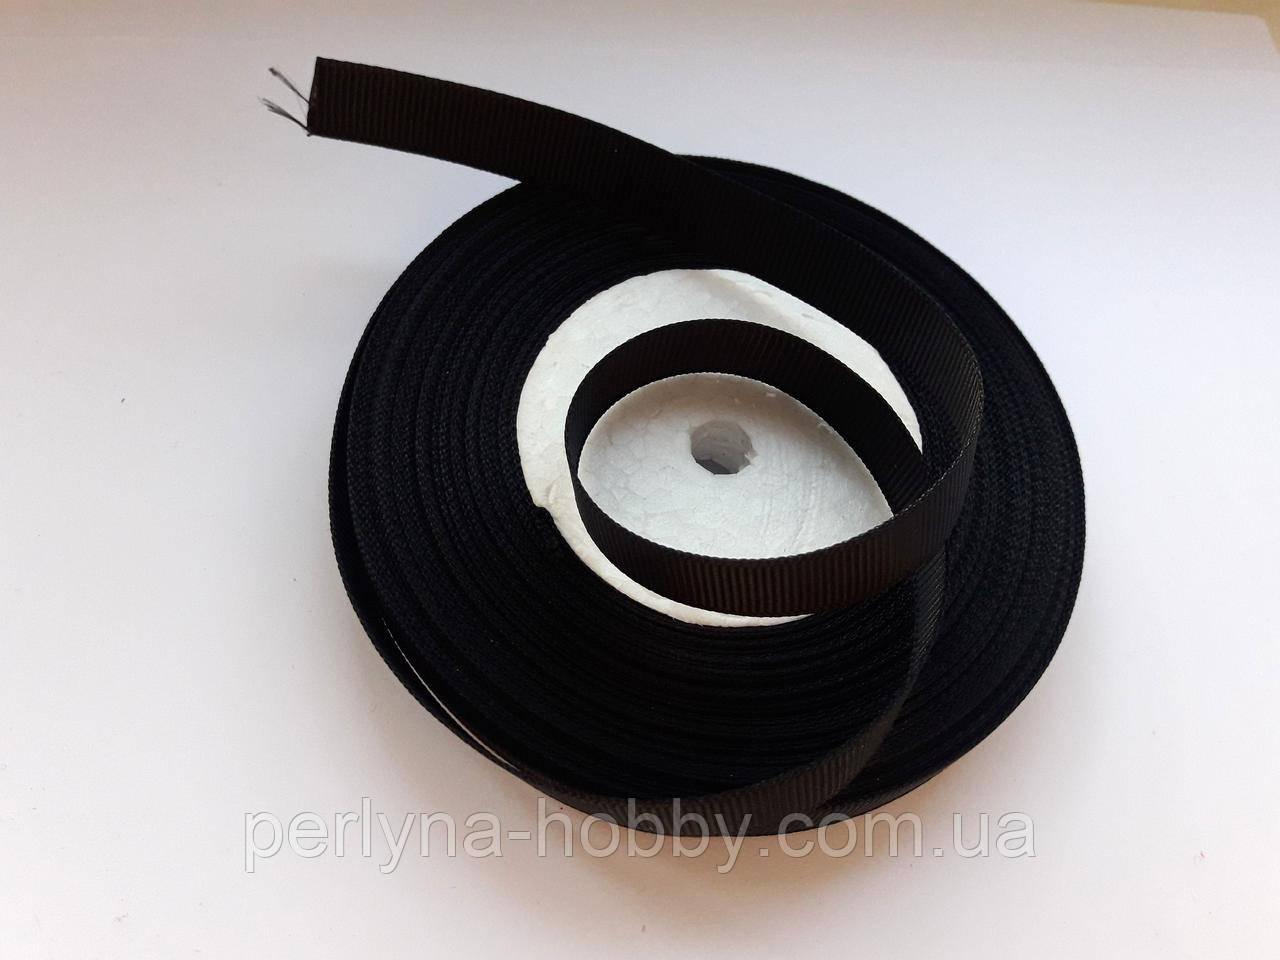 Стрічка репсова 13 мм чорна, на метраж, ціна за 1 метр